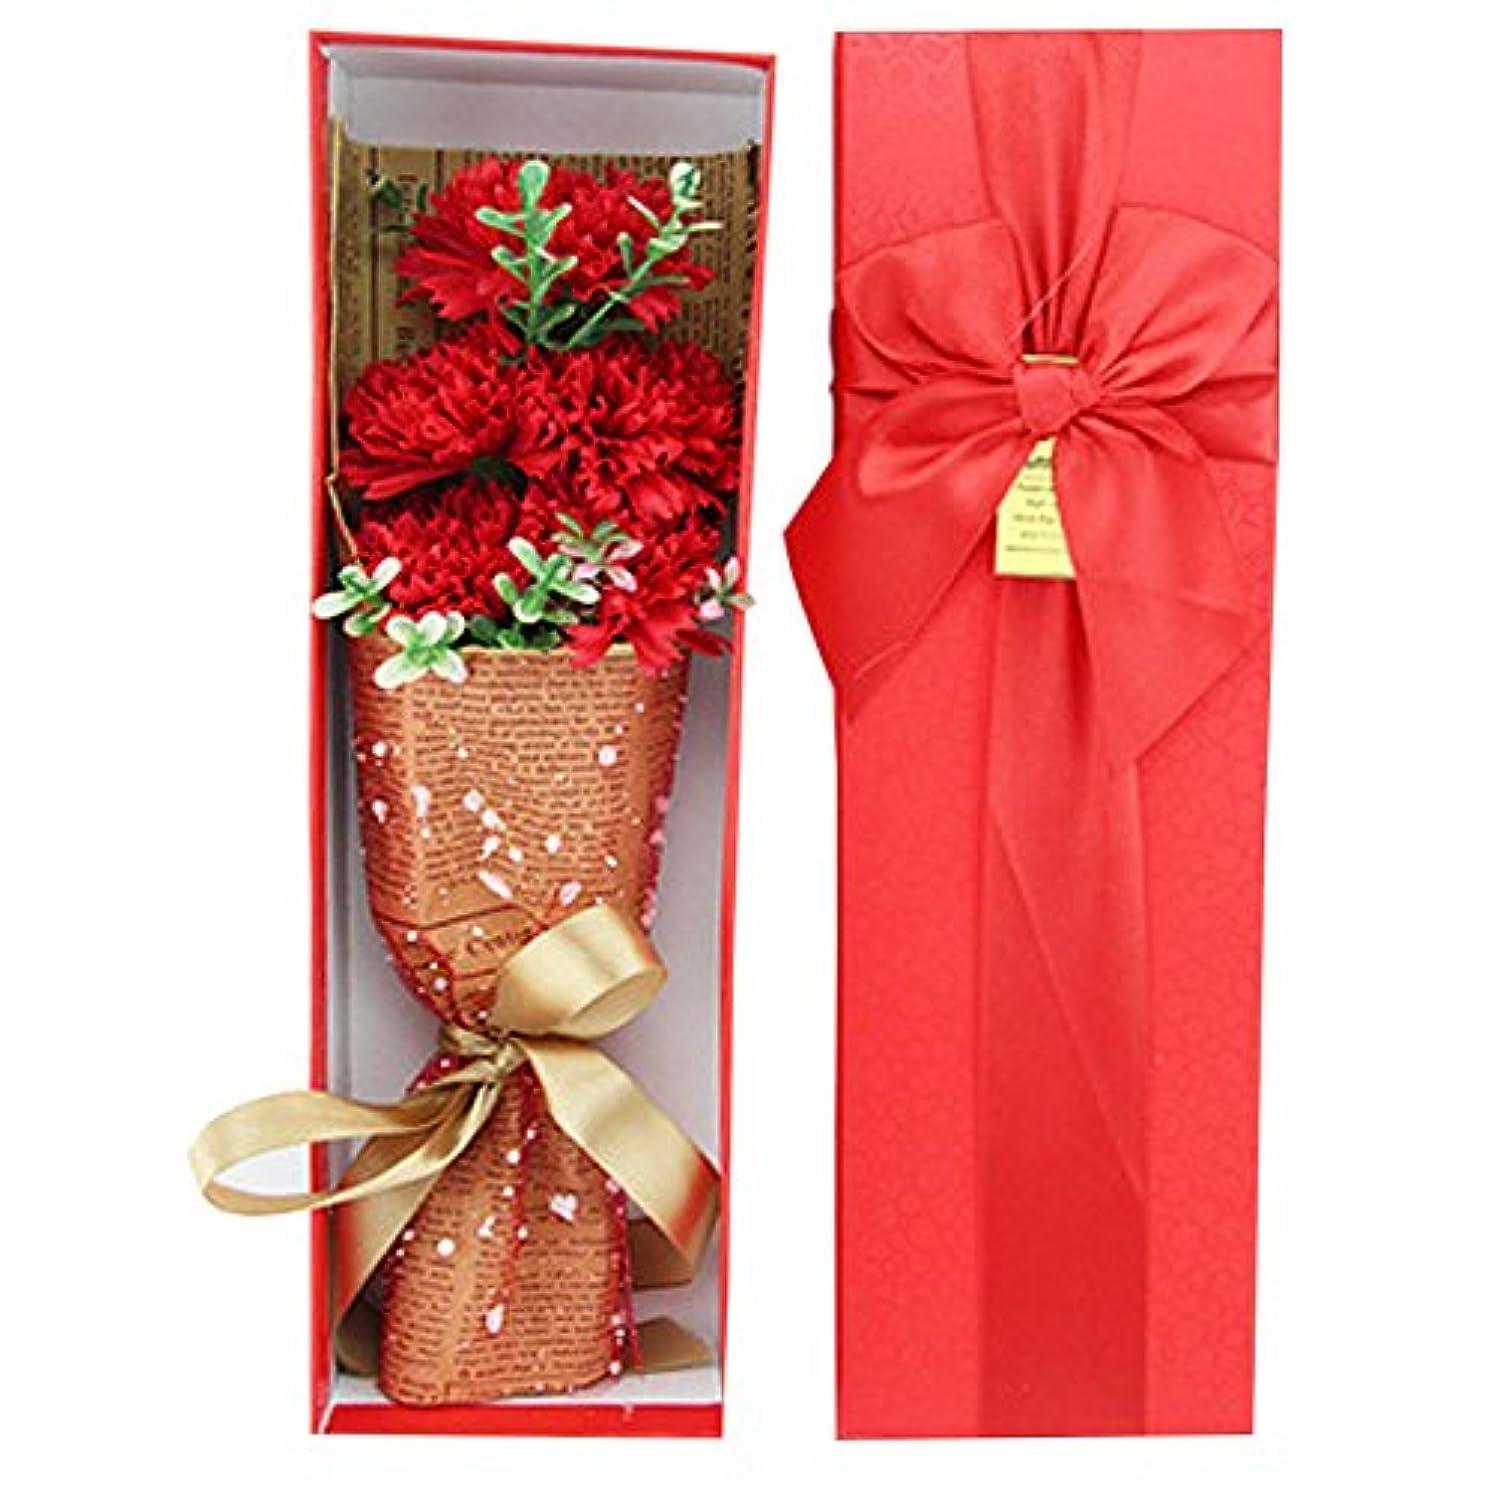 韻受益者作り上げるiCoole ソープフラワー 石鹸花 ハードフラワー形状 ギフトボックス入り 母の日 お誕生日 ギフトなどに最高 (レッド)